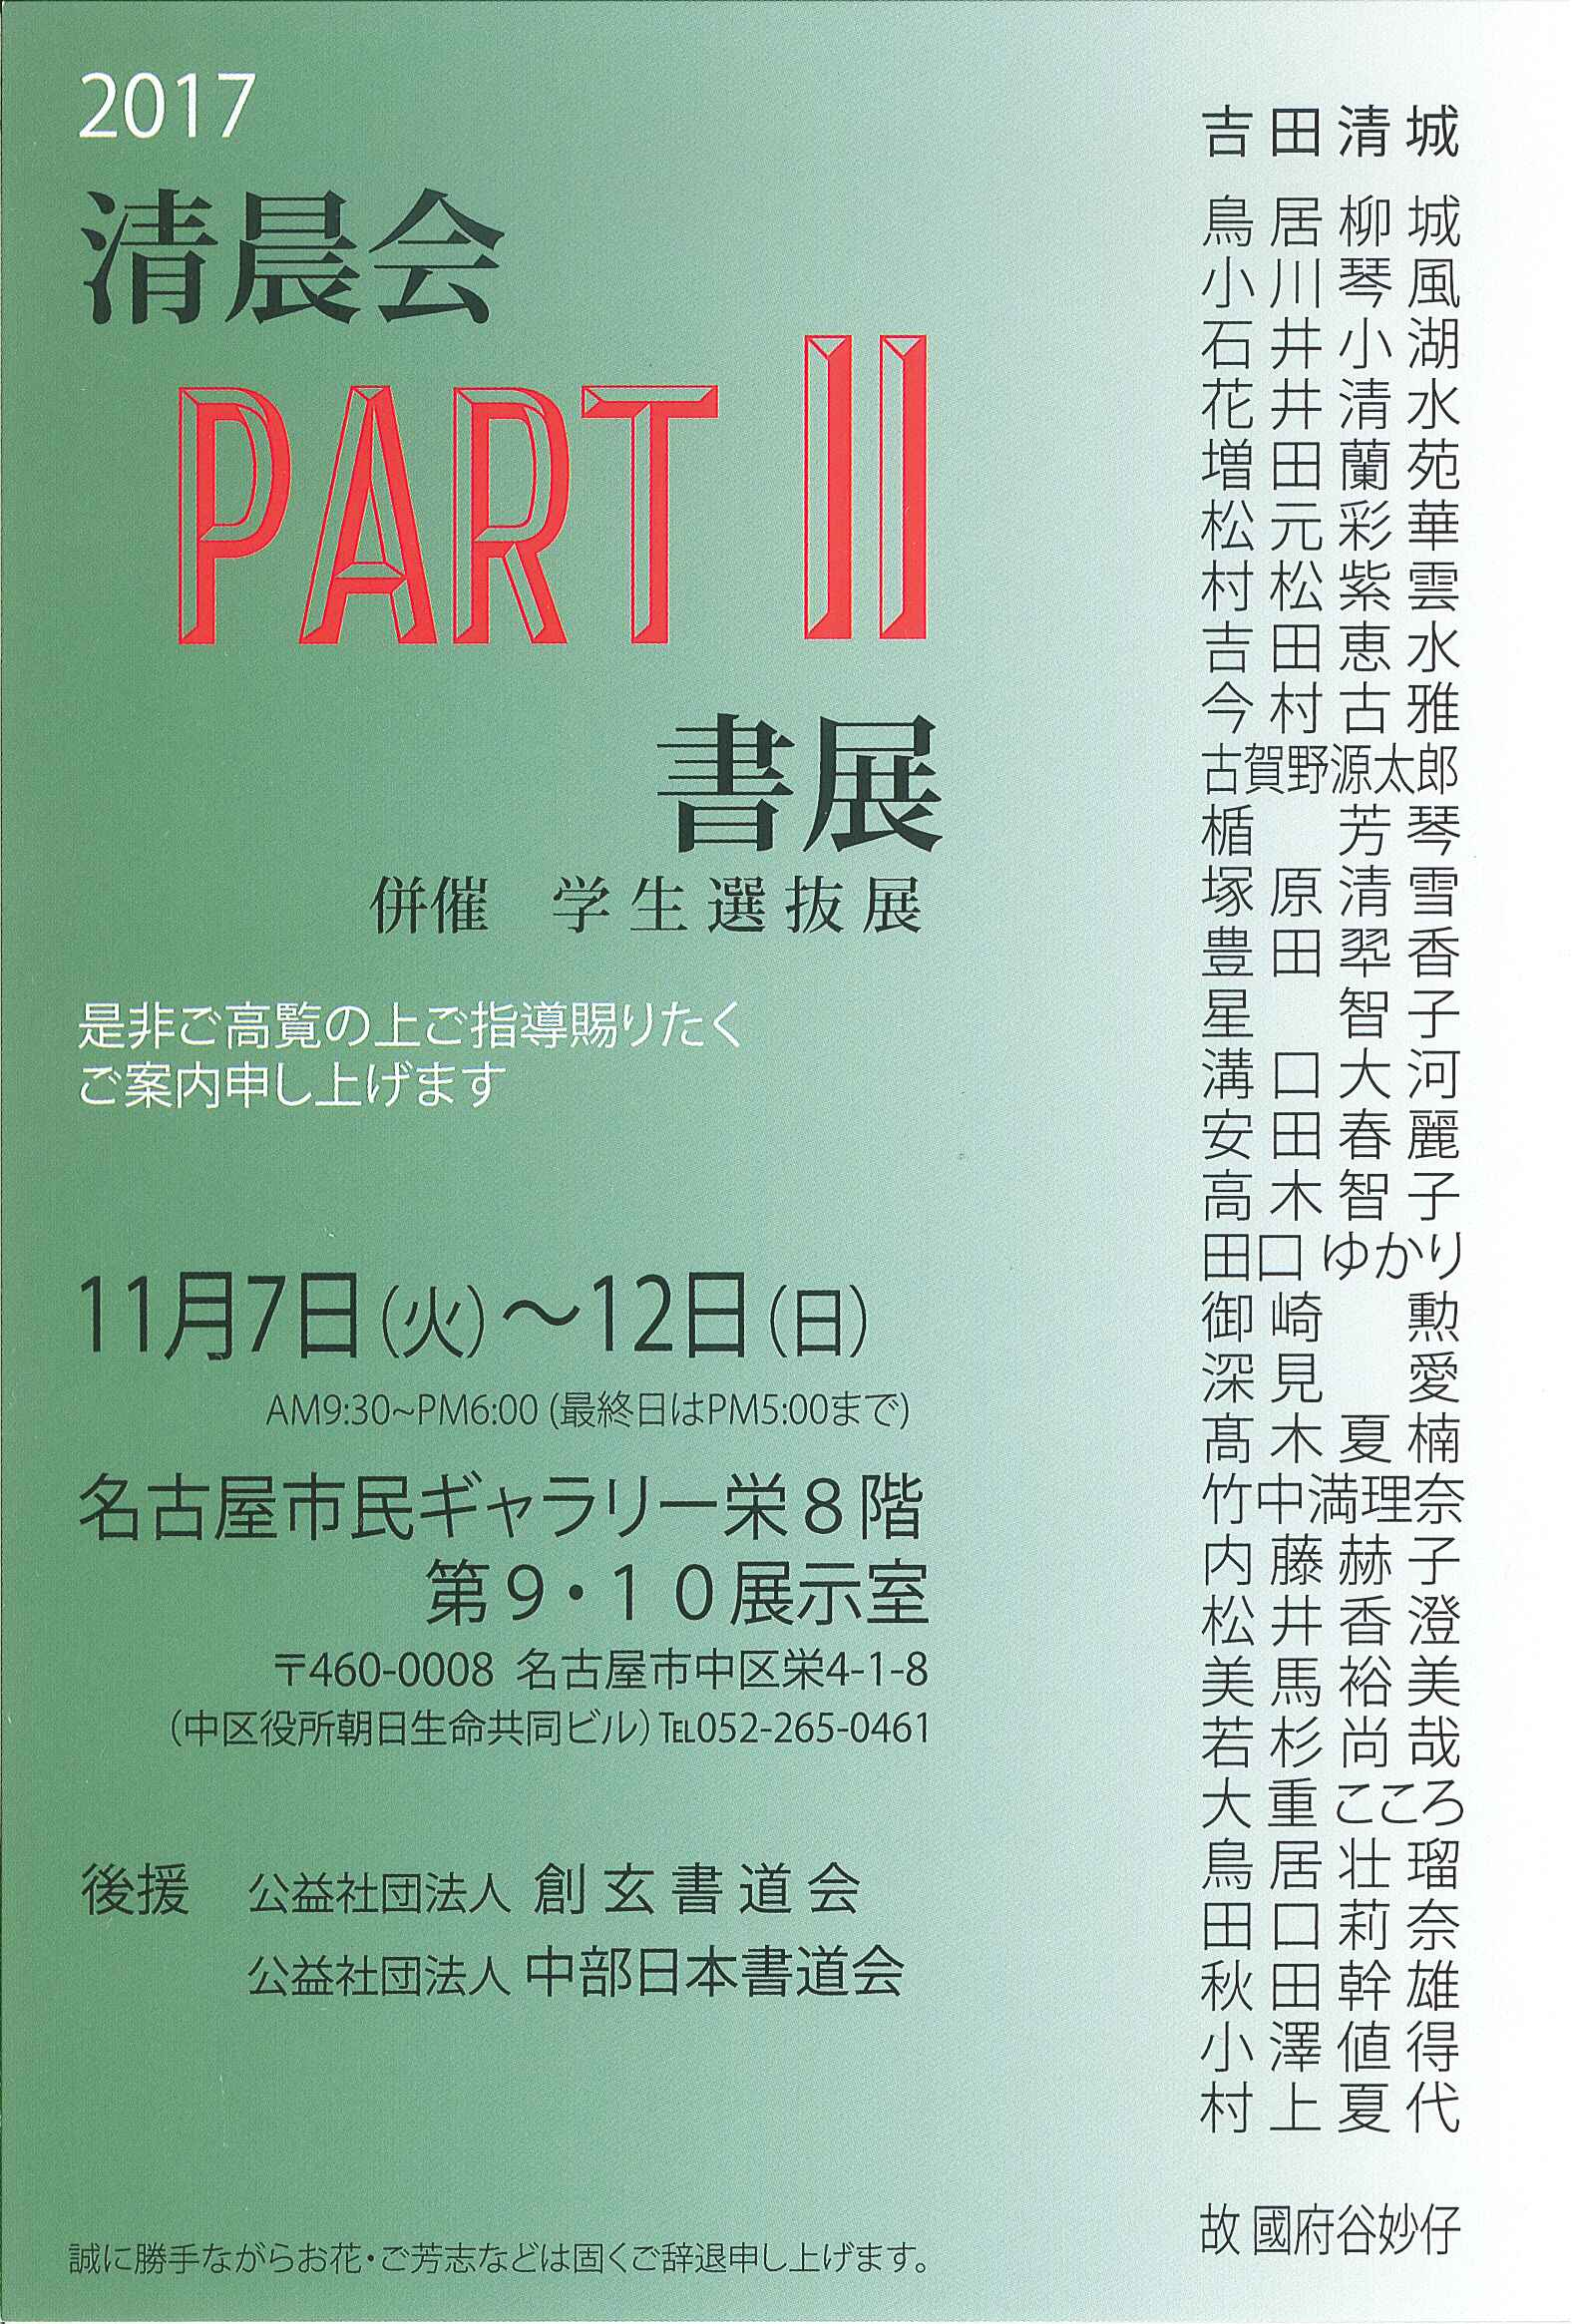 http://www.sogen.or.jp/letter/2017/10/26/20171026203230880_0002.jpg